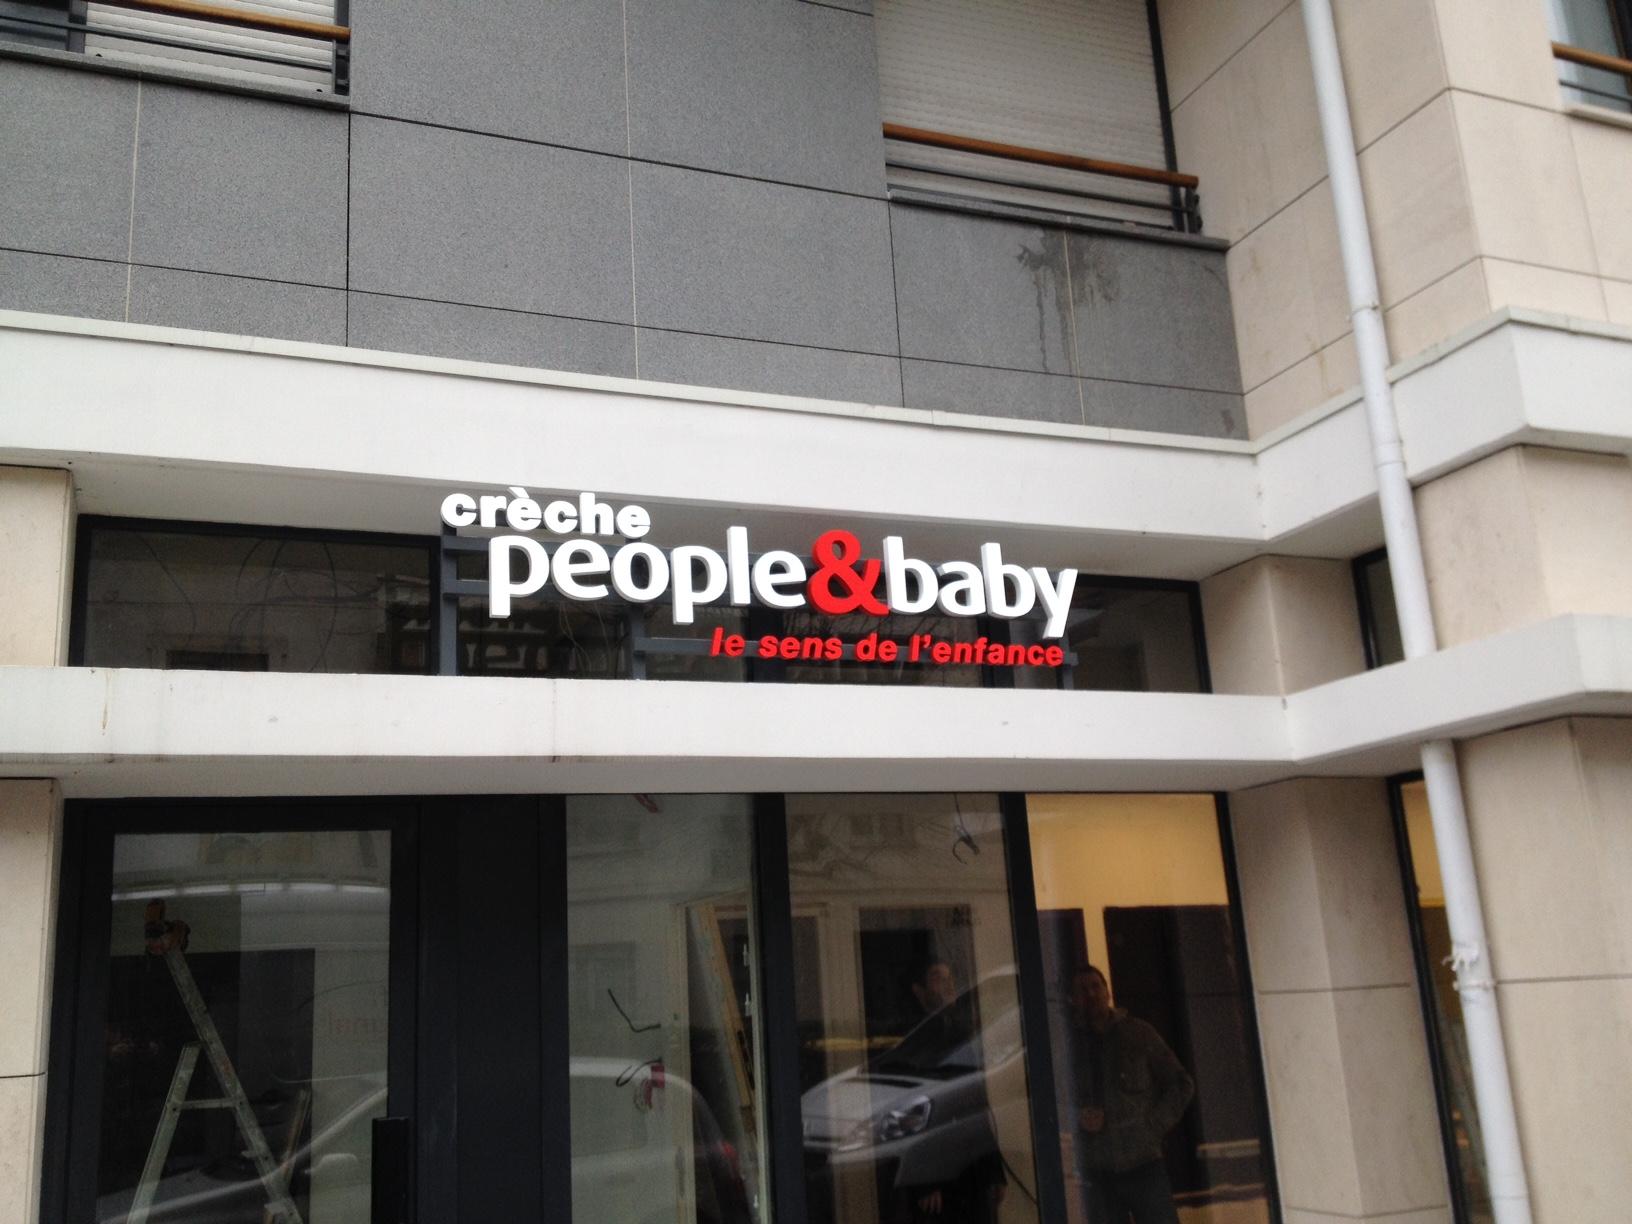 Actif Signal partenaire enseigniste des crèches People & baby